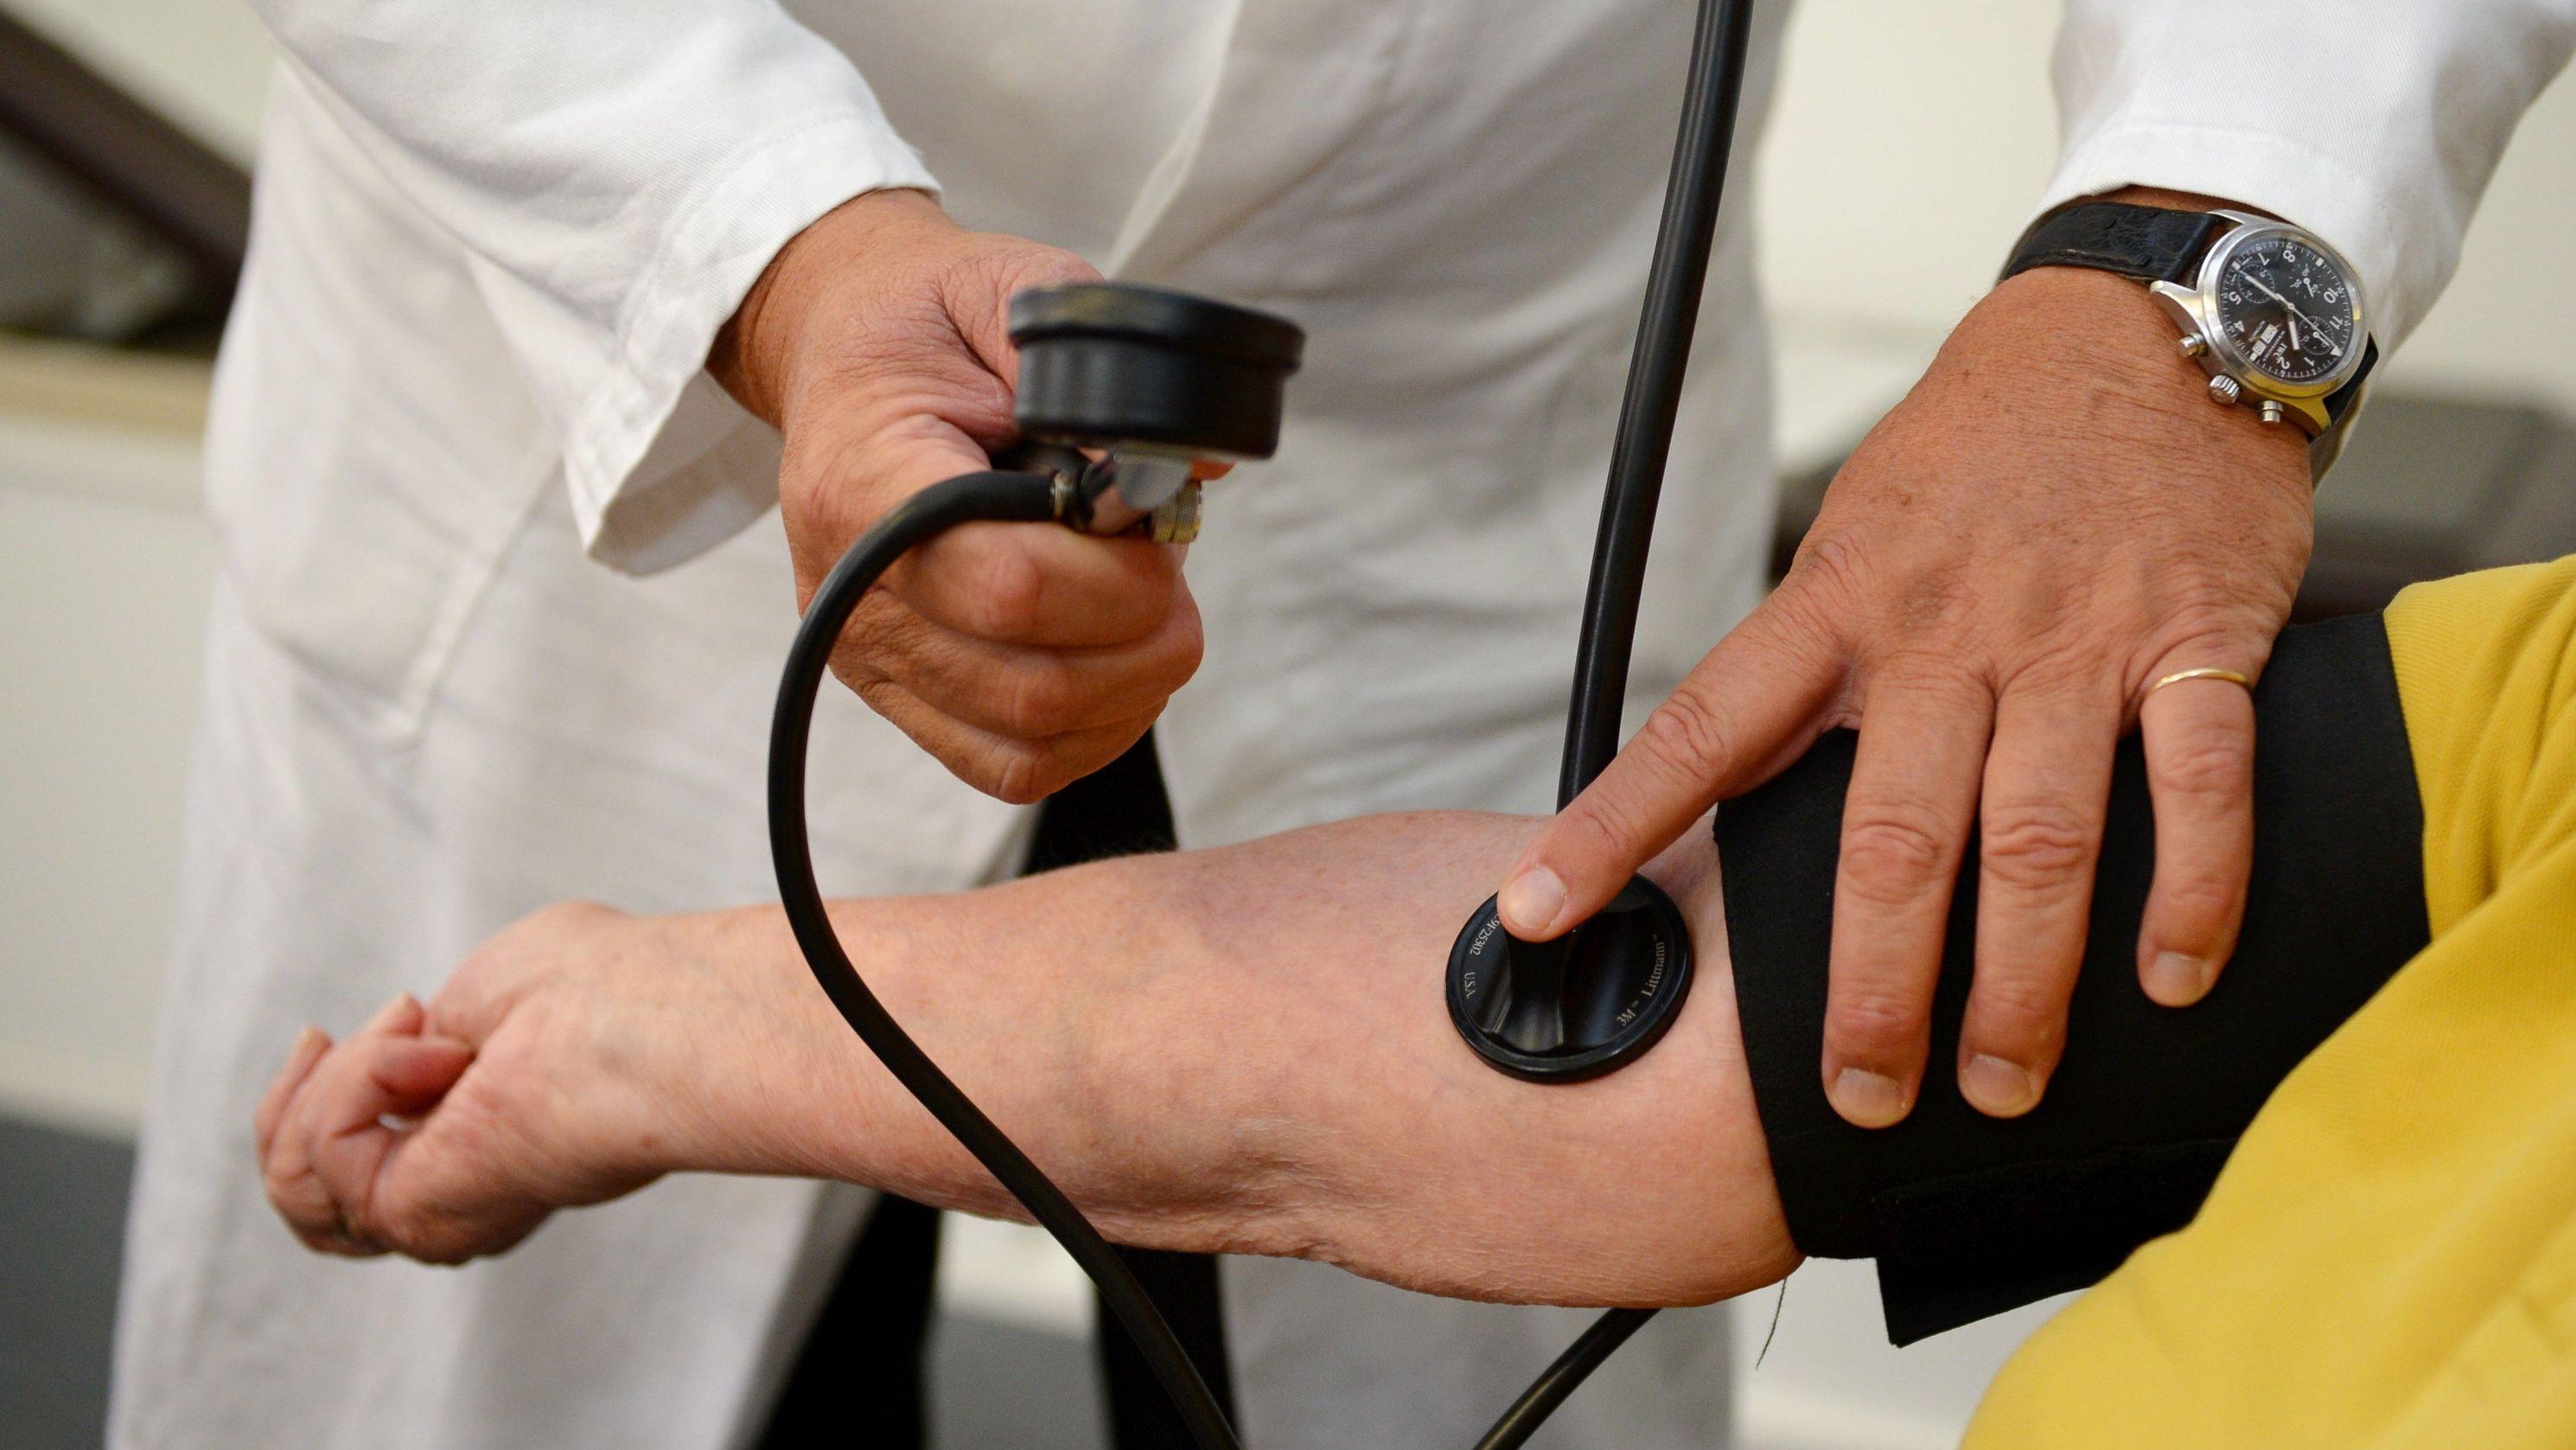 Ein Arzt misst in einer Praxis einer Patientin den Blutdruck